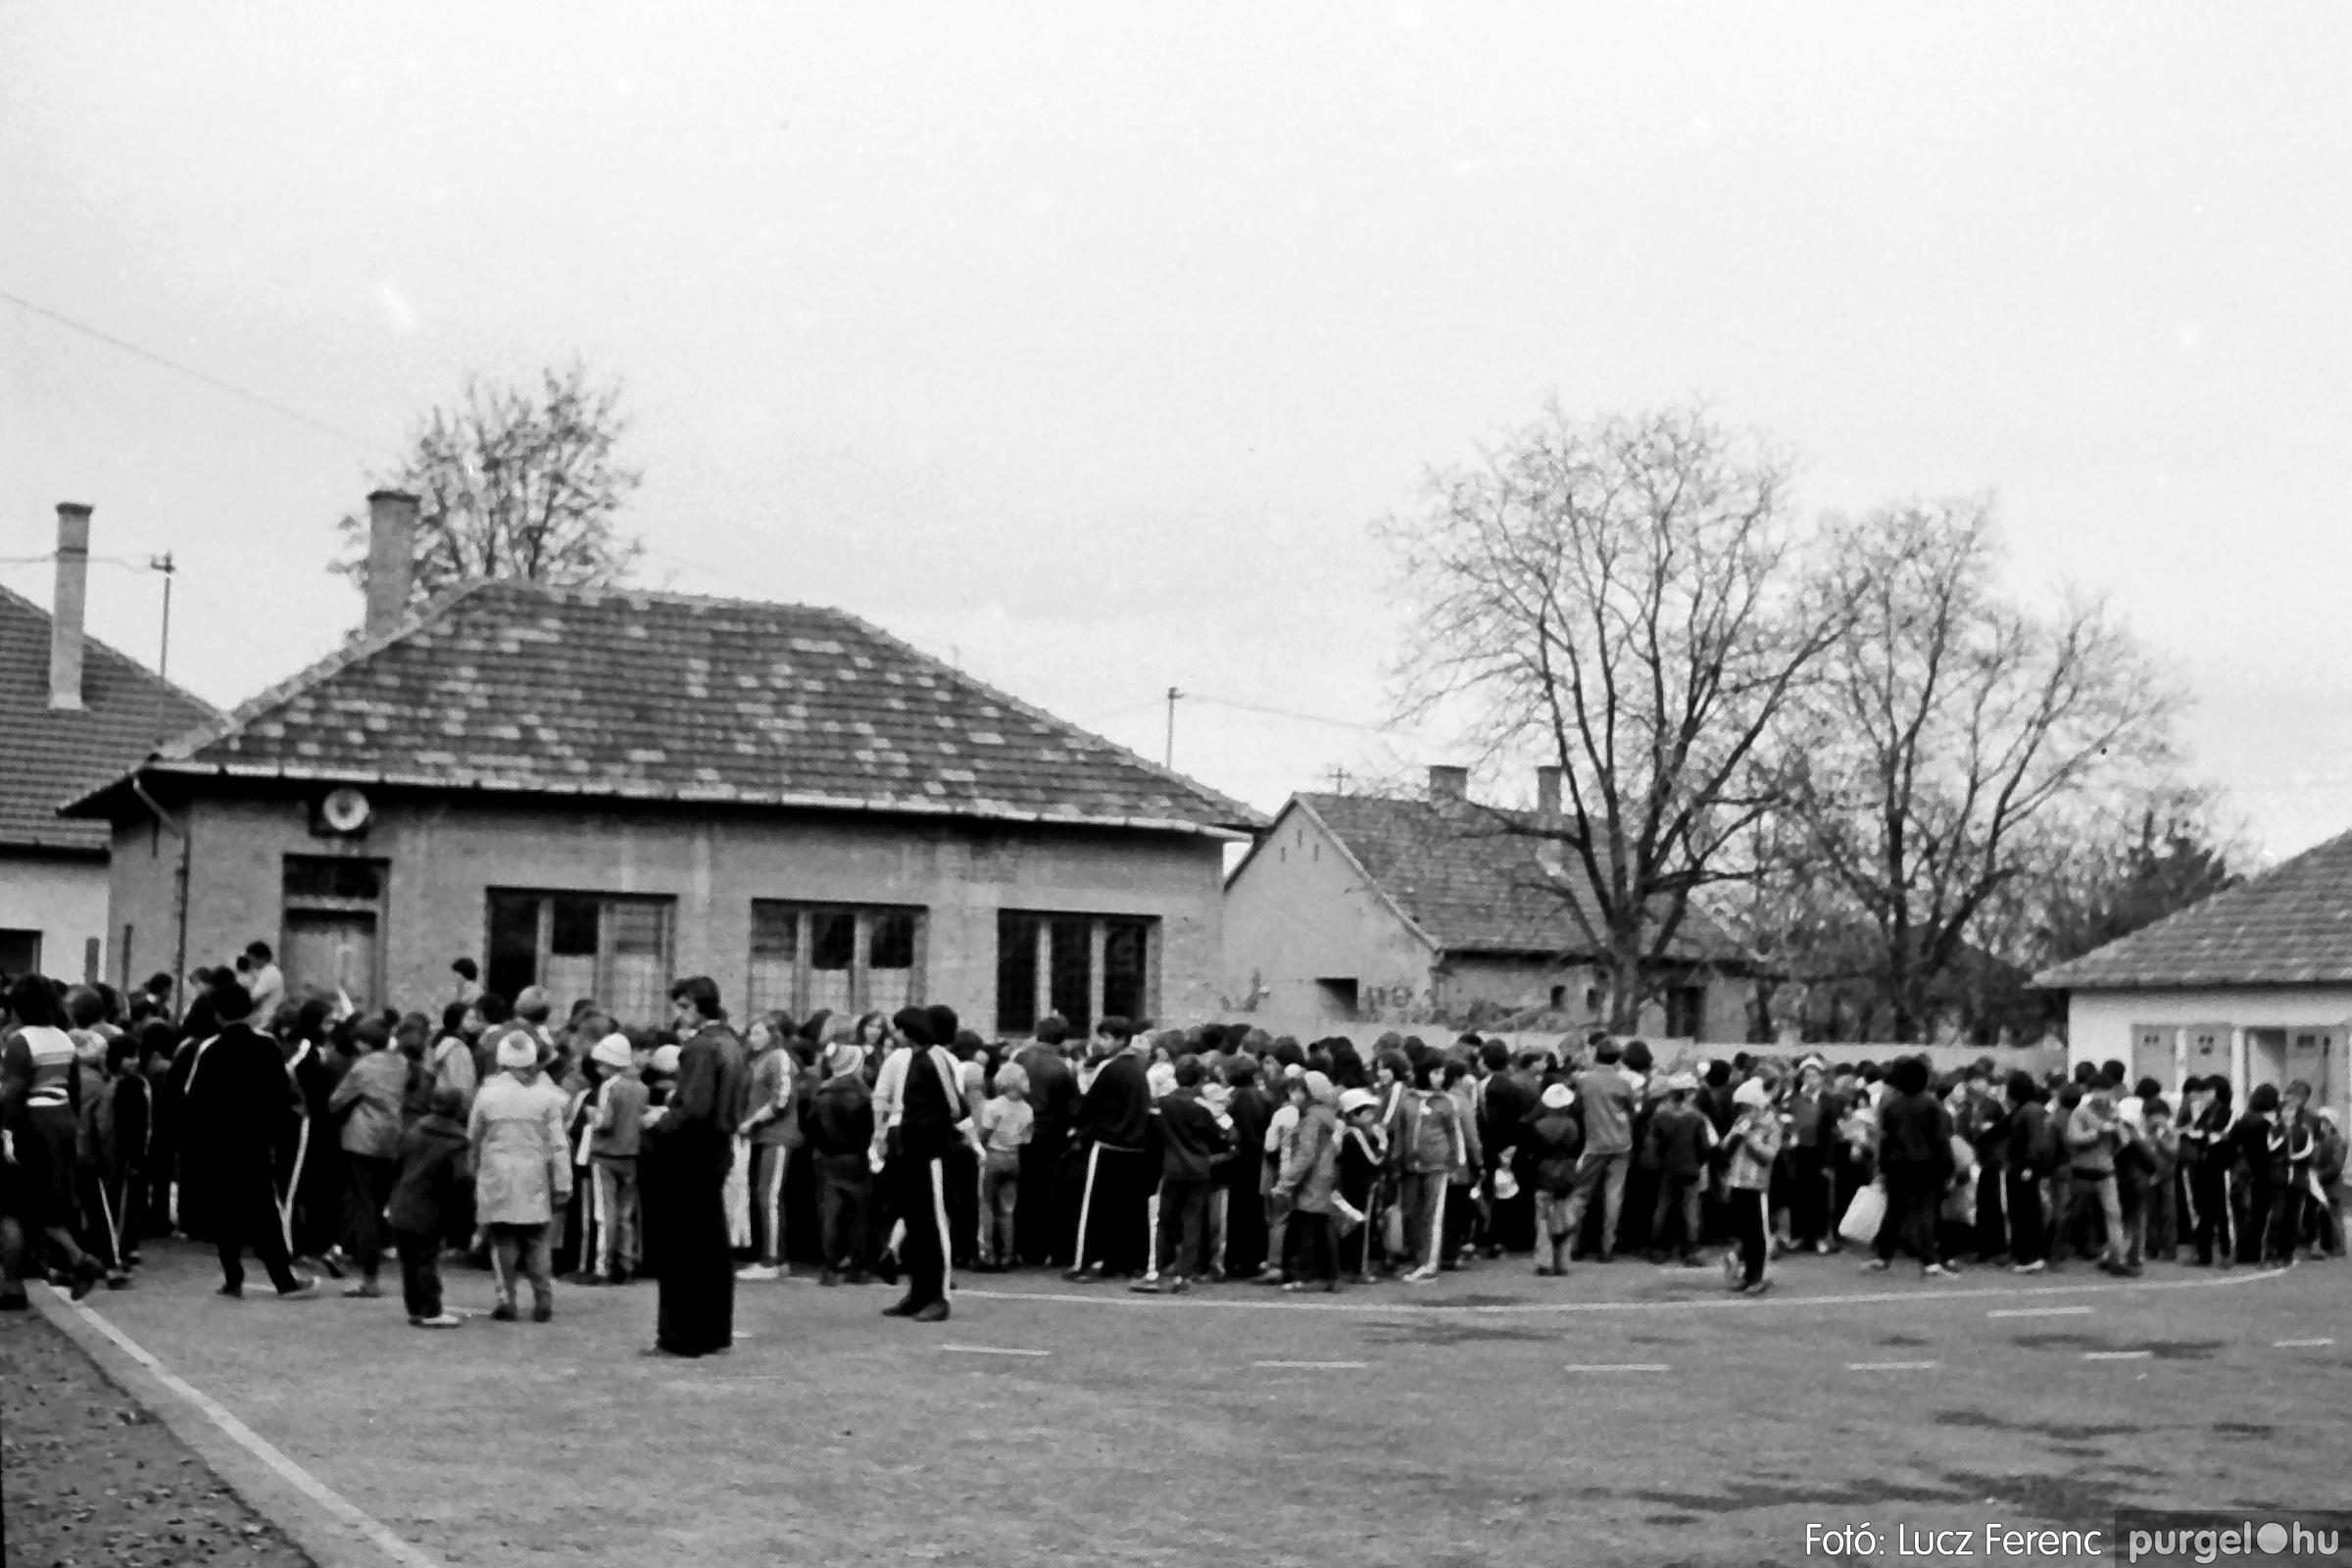 092. 1977. Úttörő rendezvény a Központi Általános Iskolában 013. - Fotó: Lucz Ferenc.jpg